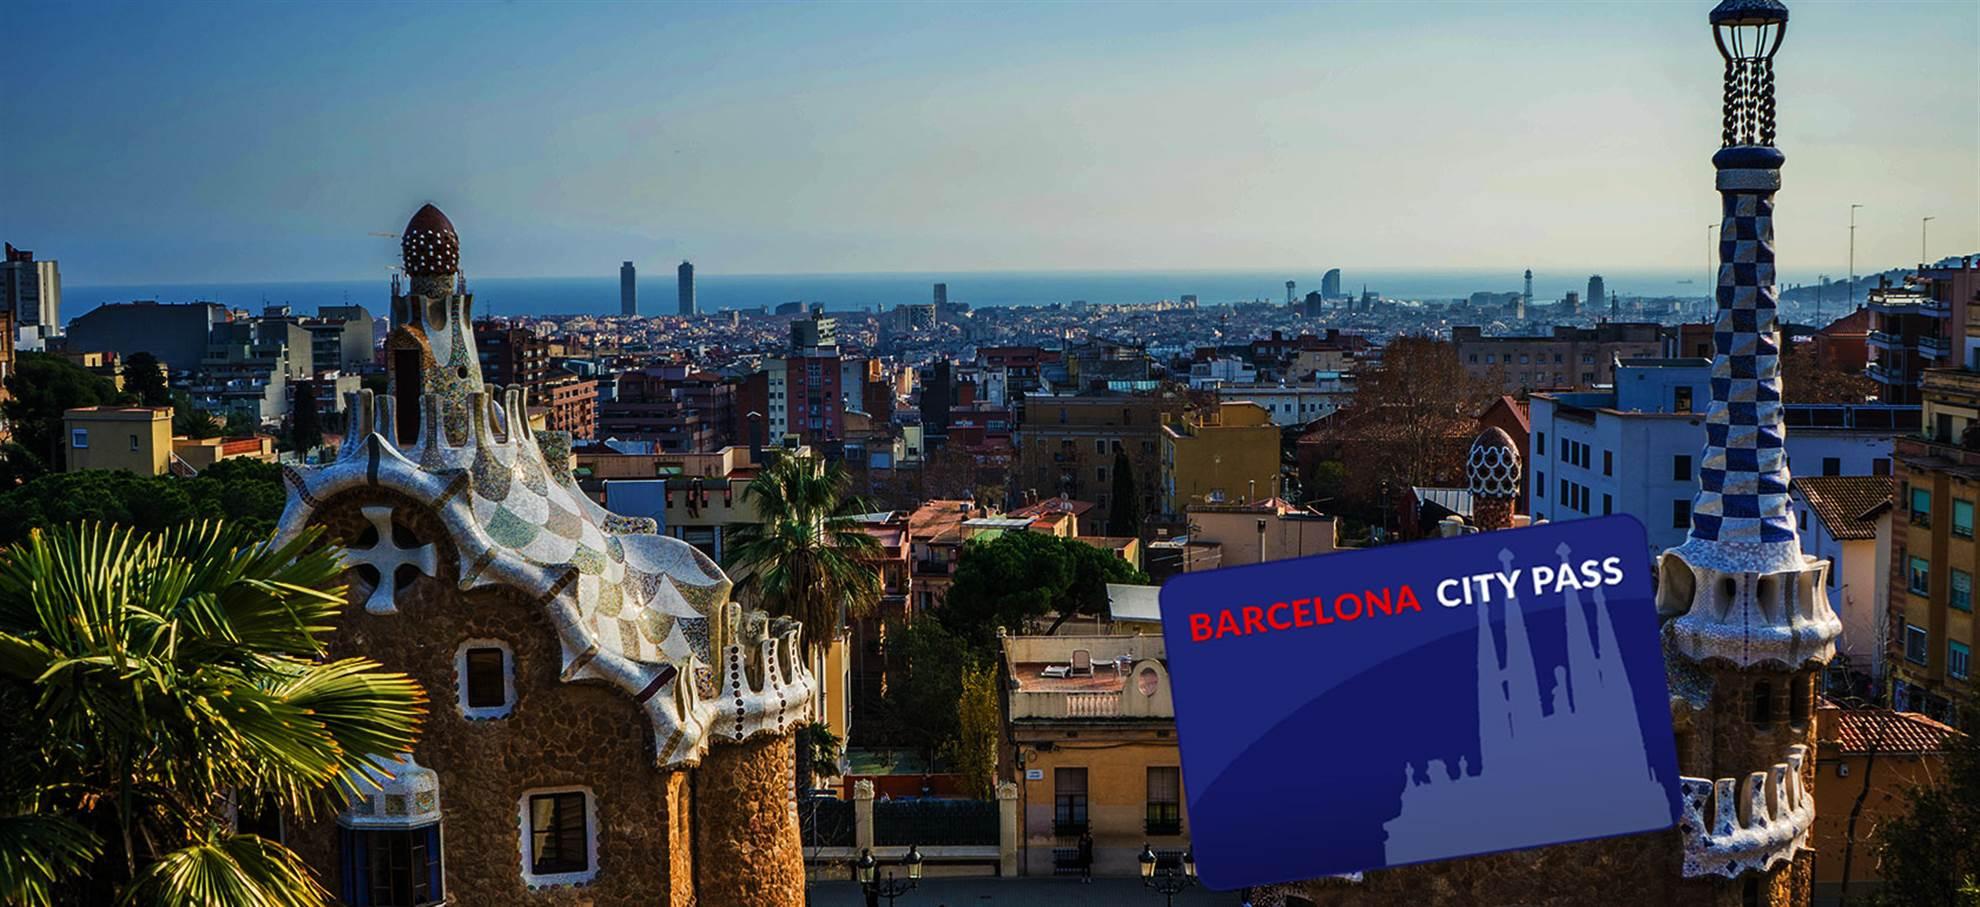 Pase de la Ciudad de Barcelona (incl. Sagrada Familia + tour guiado)